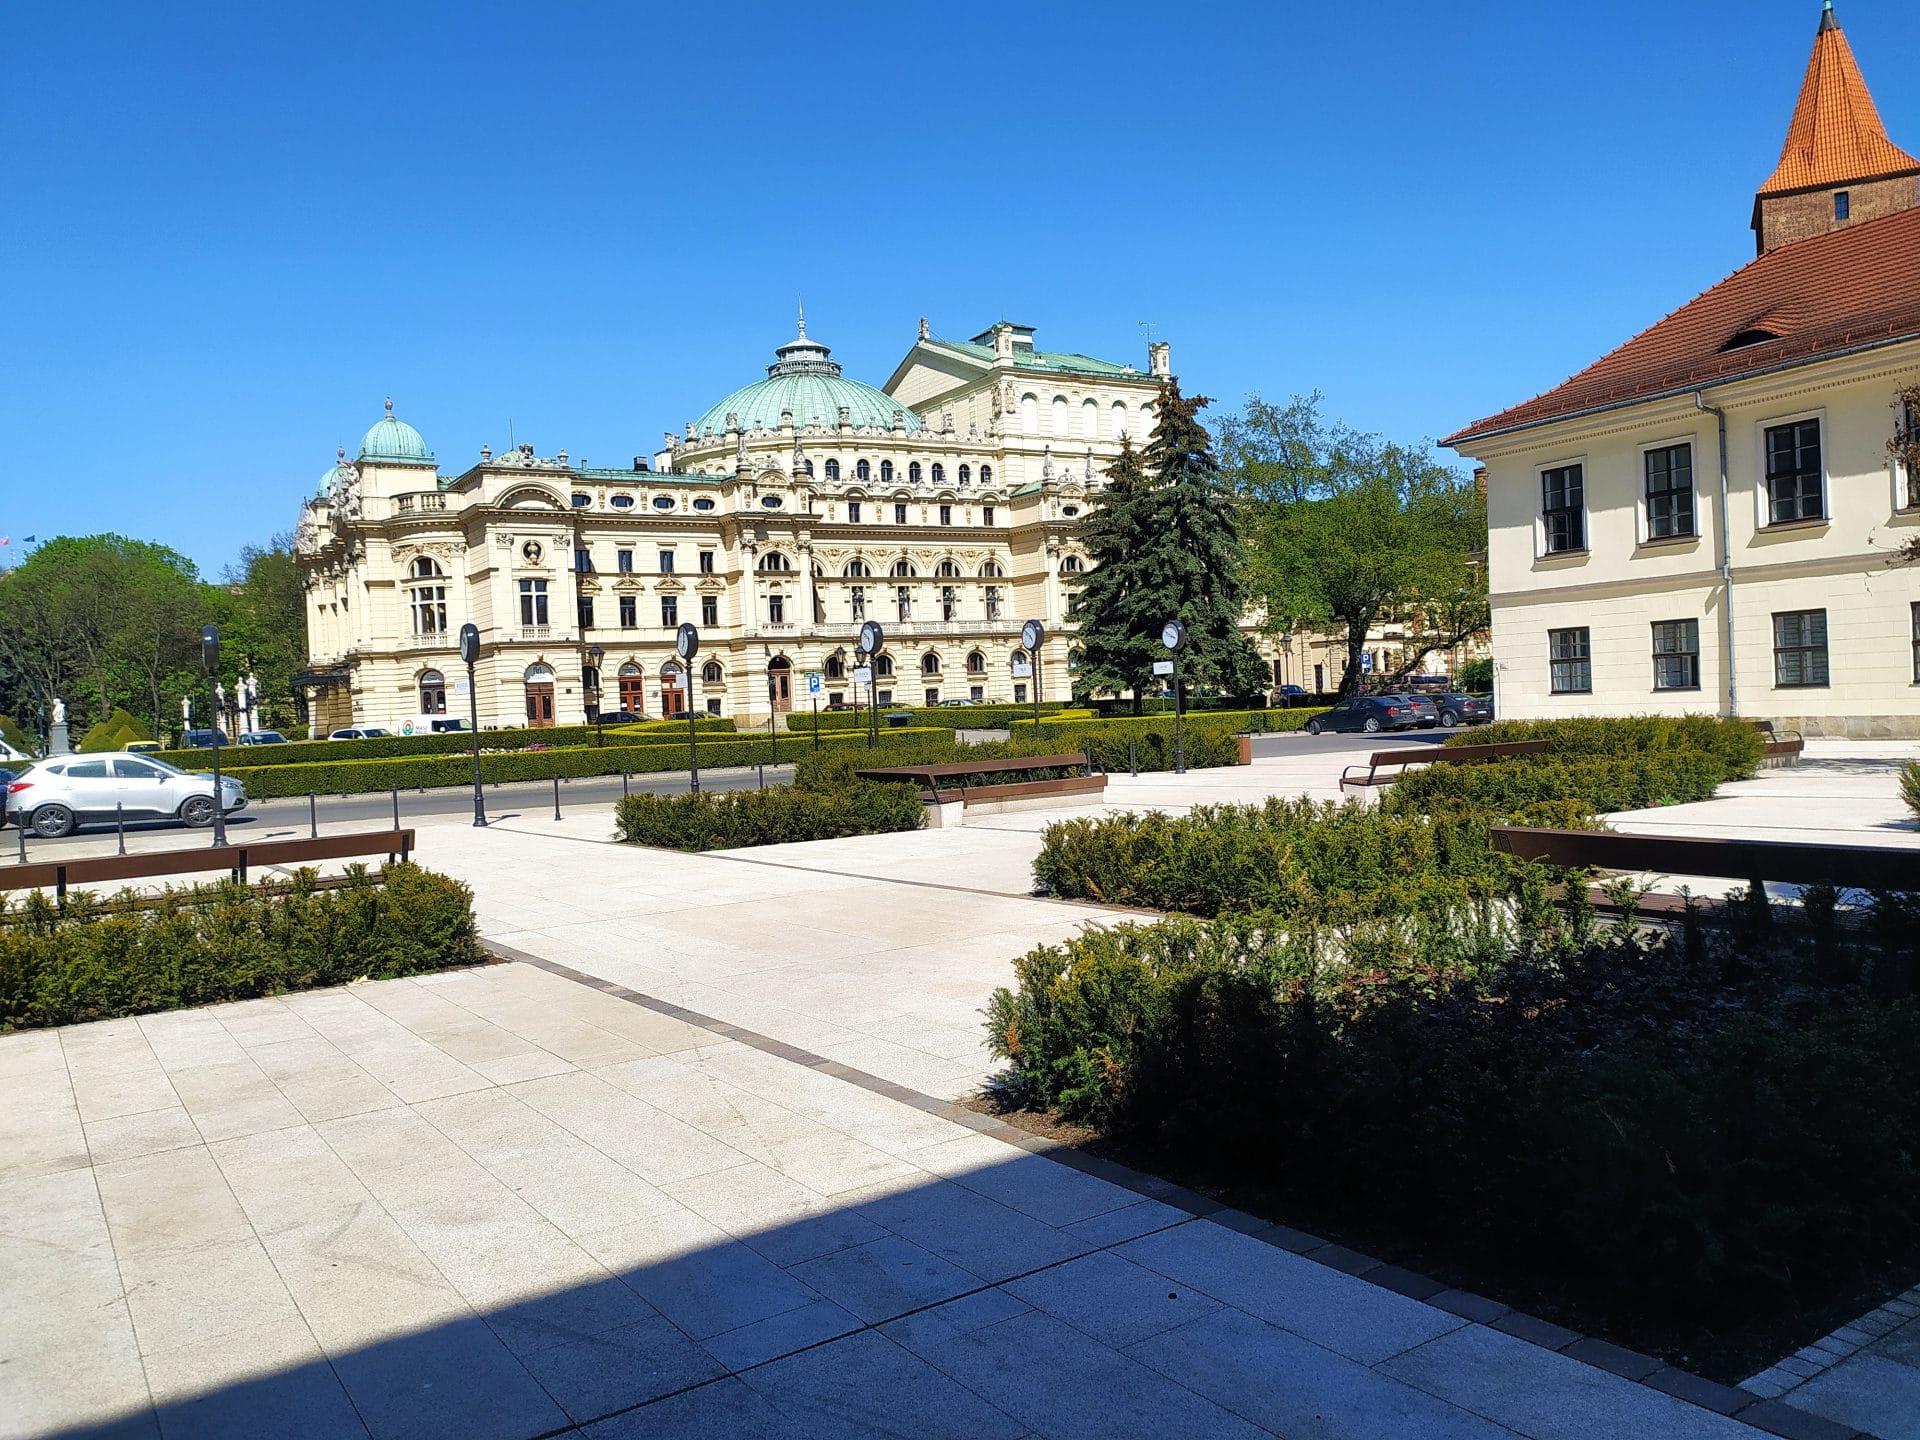 Plac Świętego Ducha Kraków